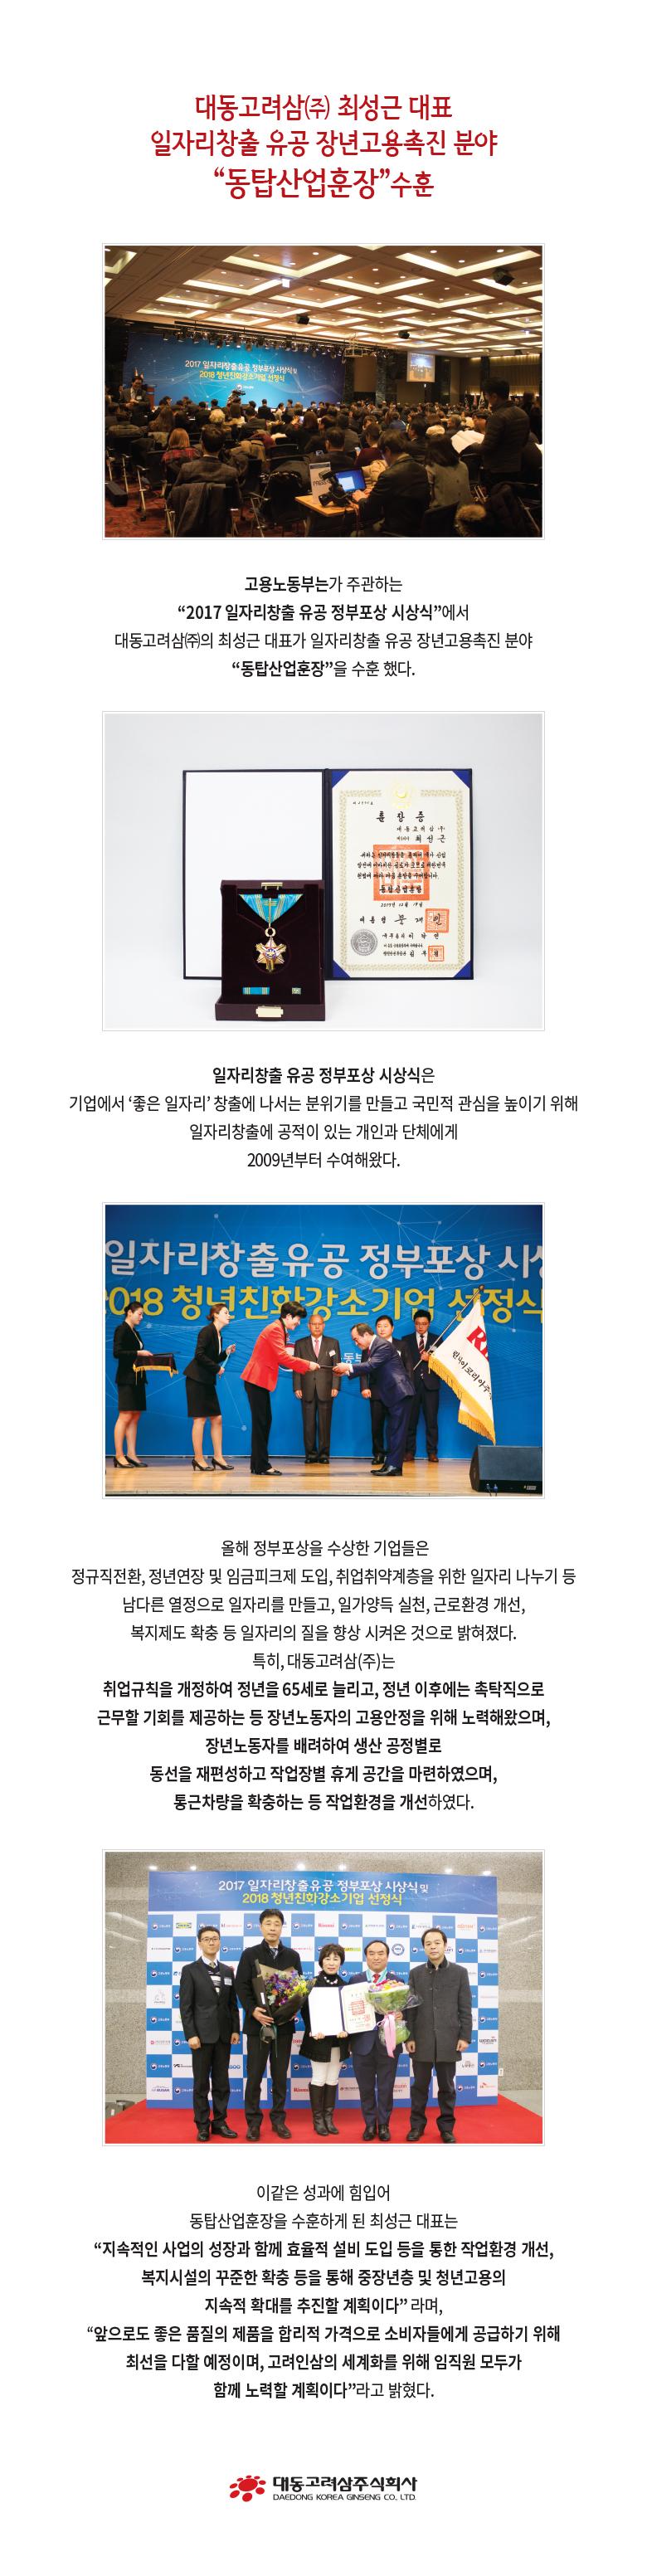 2017 동탑산업훈장 수훈.jpg